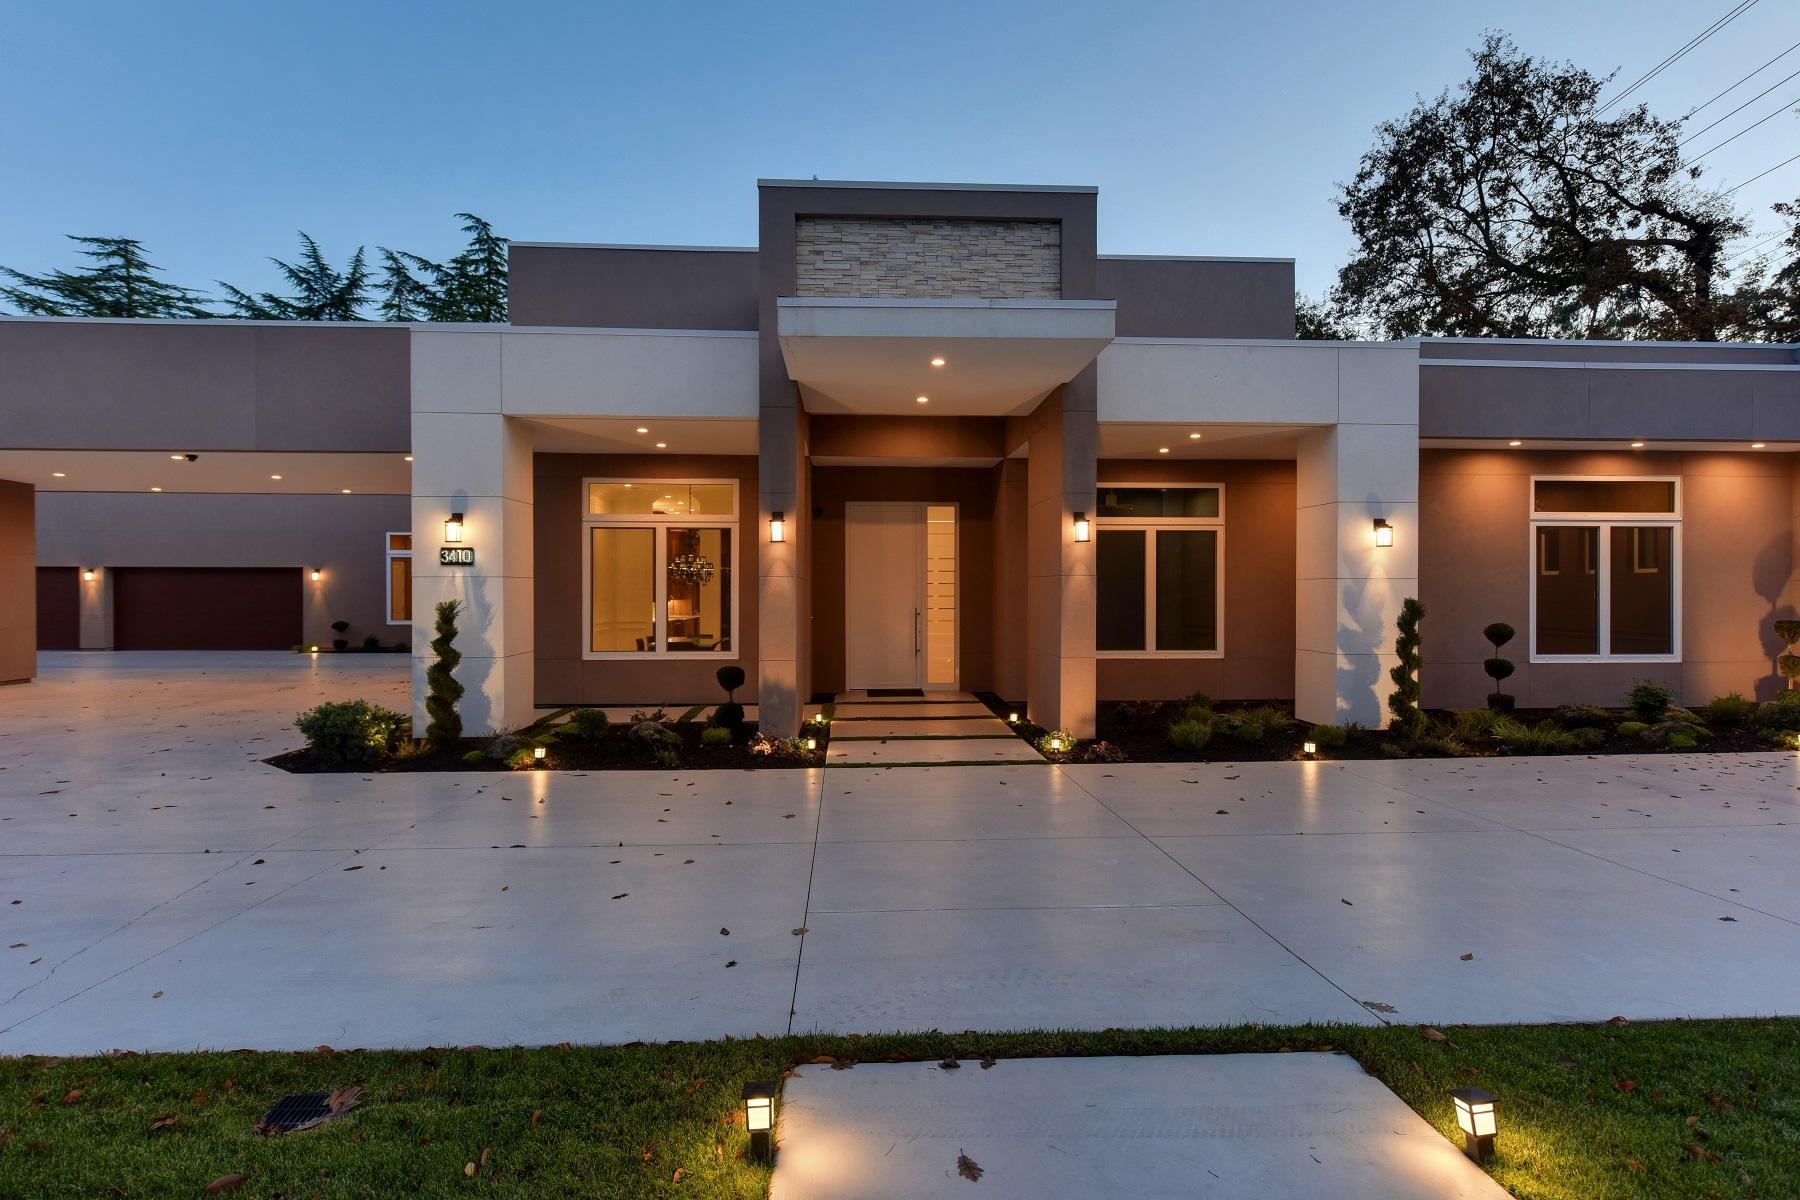 独户住宅 为 销售 在 3410 Adams Rd, Sacramento, CA 95864 Sacramento, 加利福尼亚州 95864 美国